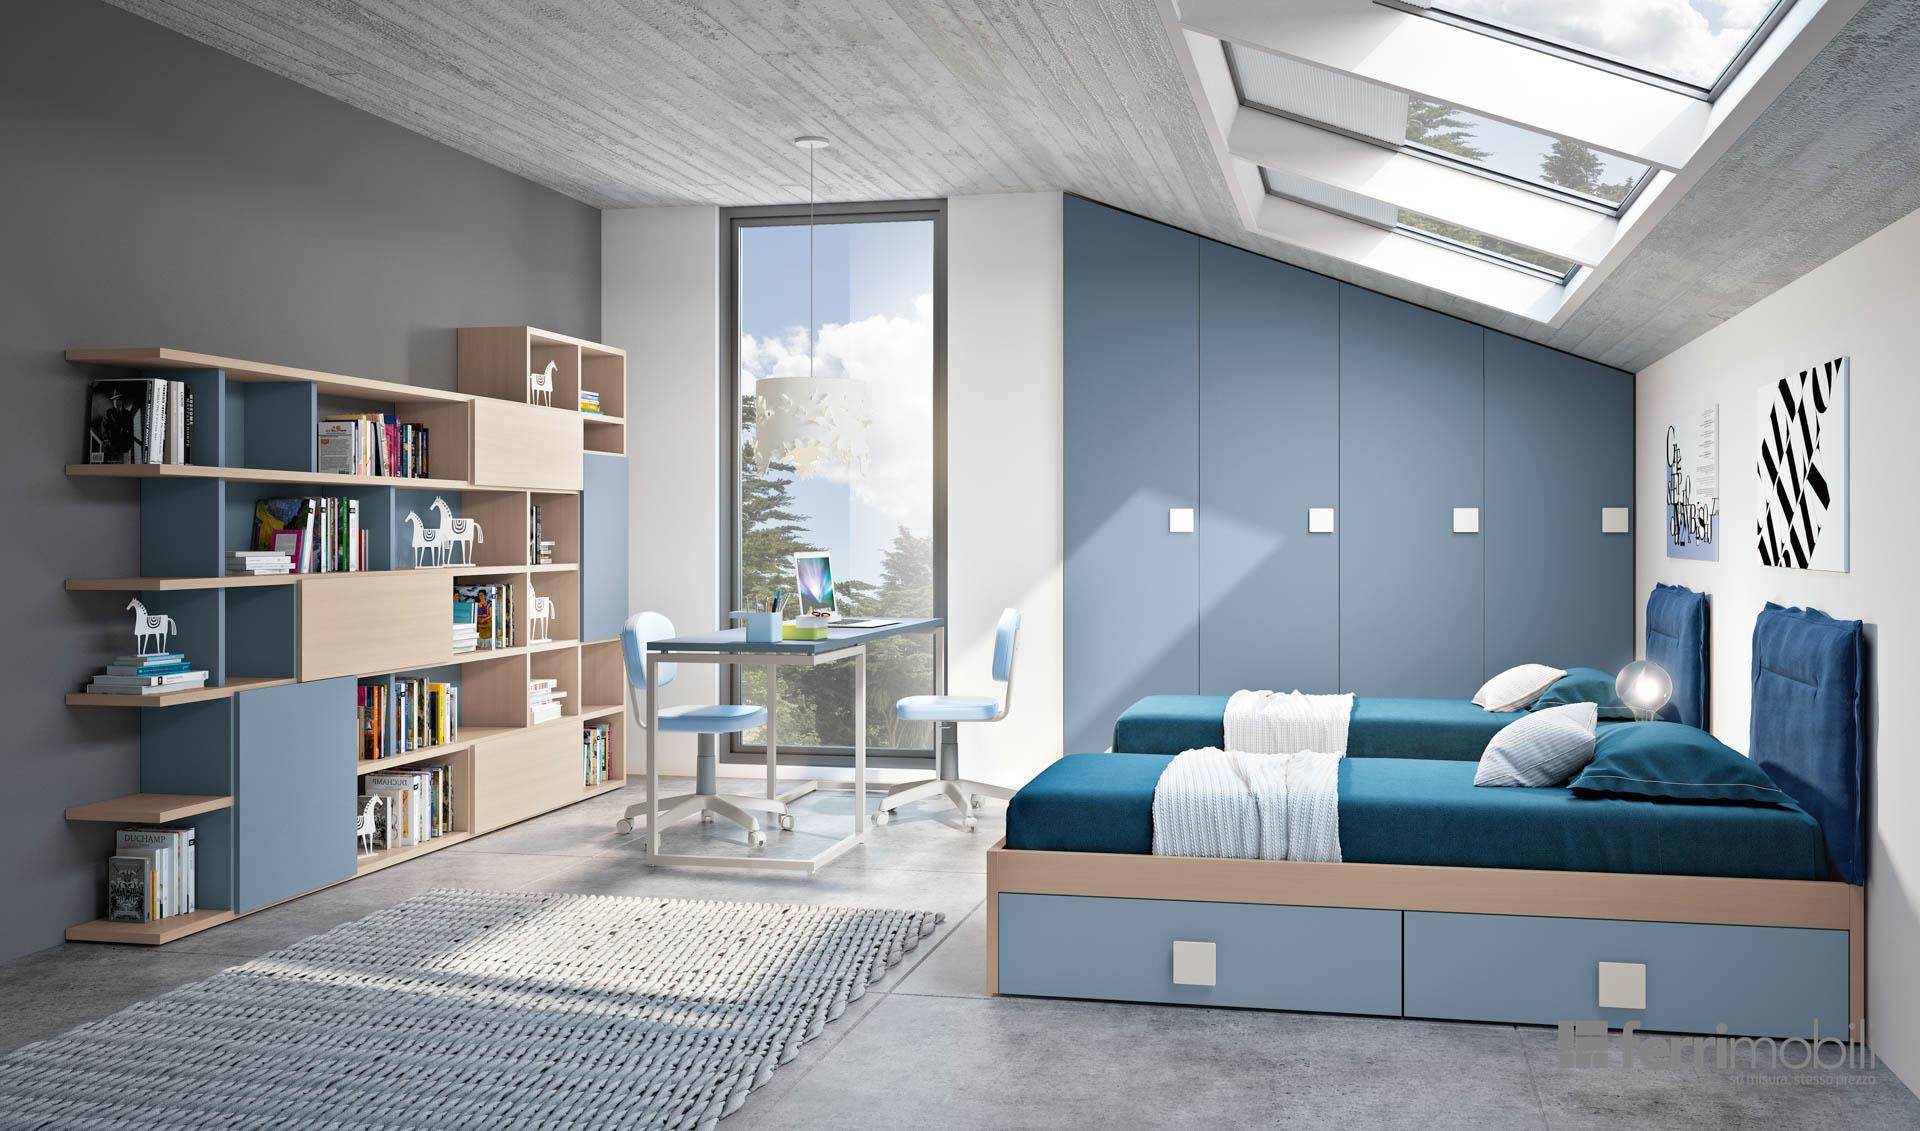 Cameretta composizione 809 ferri mobili centro mobili for Colori mobili